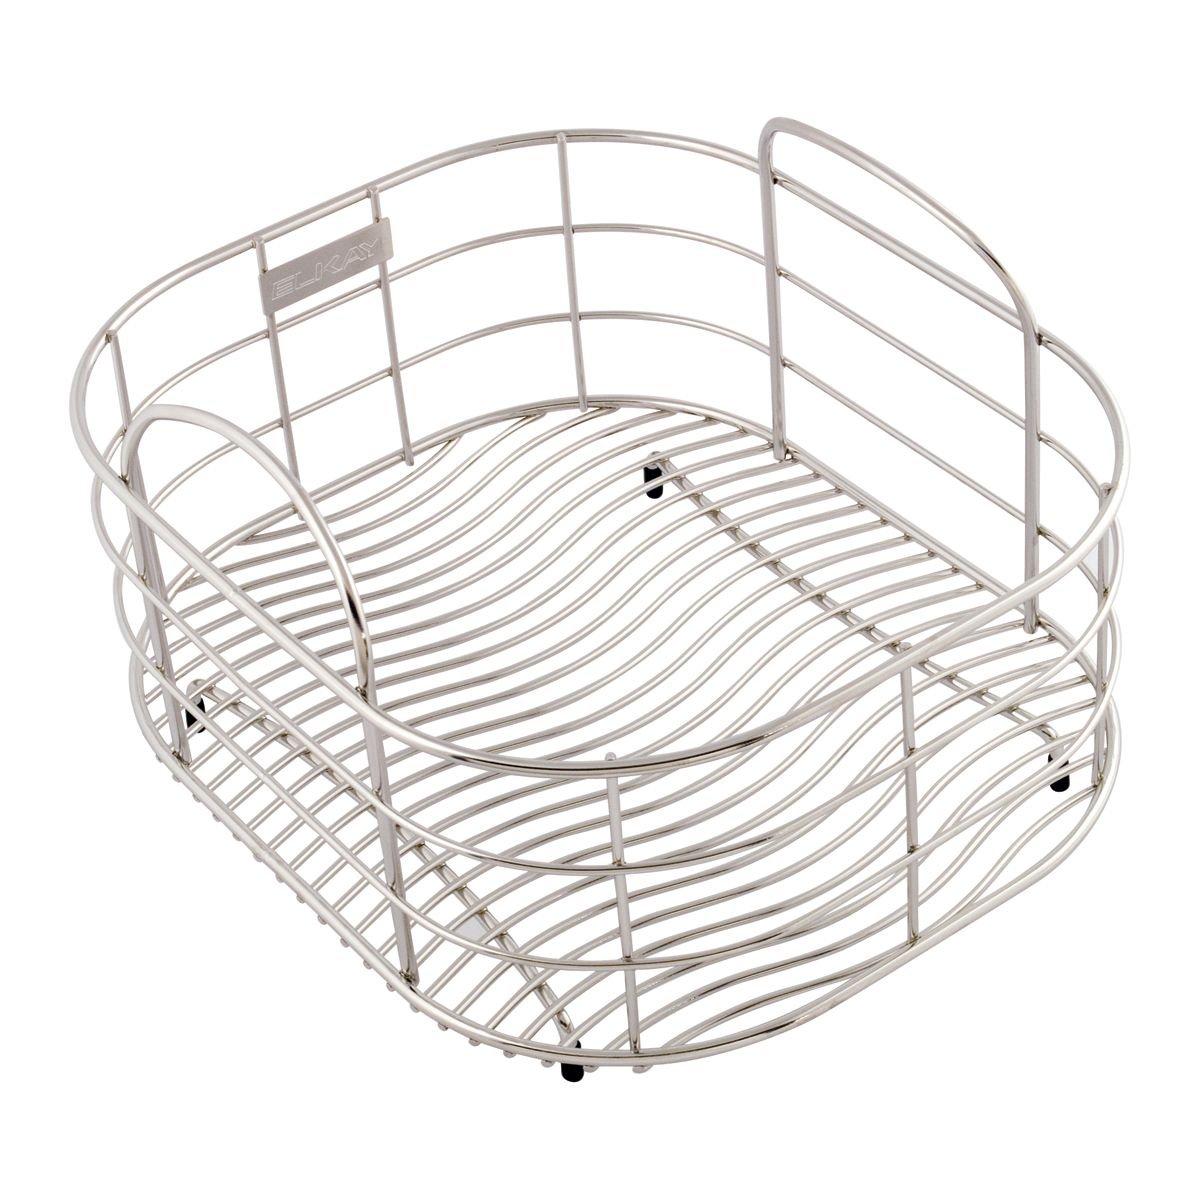 elkay lkwrb1113ss rinsing basket kitchen sink installation parts